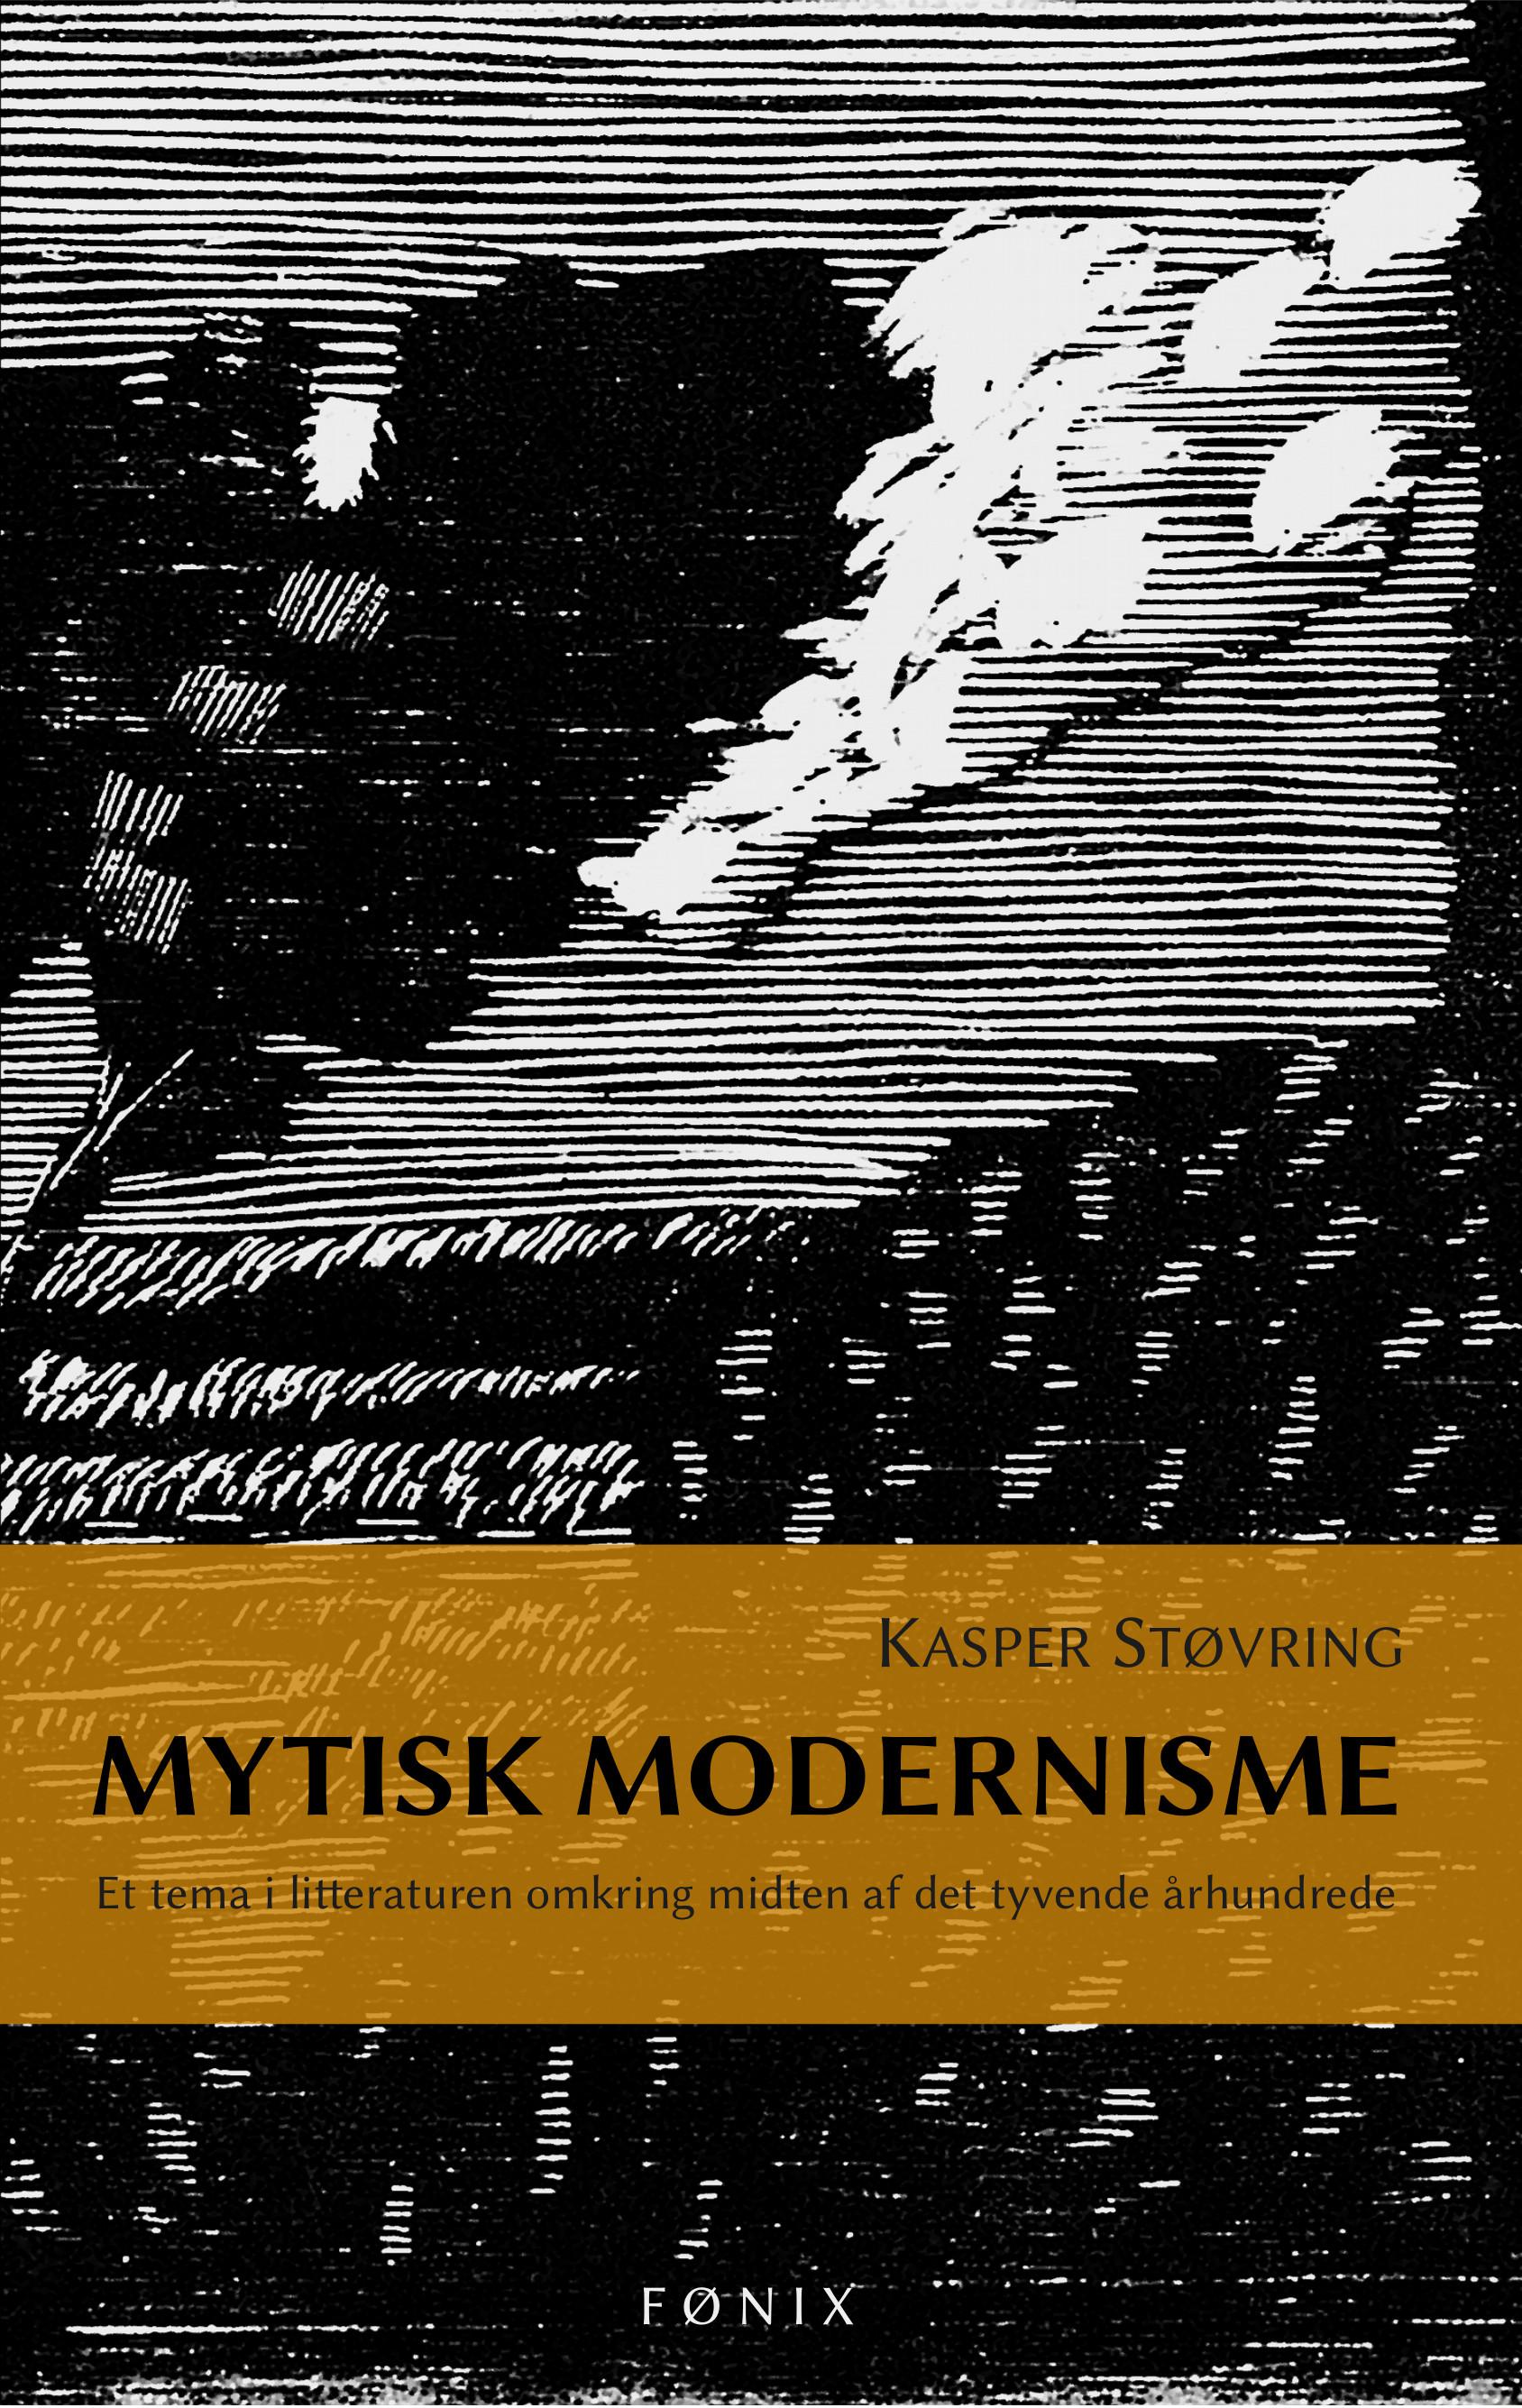 Kasper Støvring: Mytisk modernisme